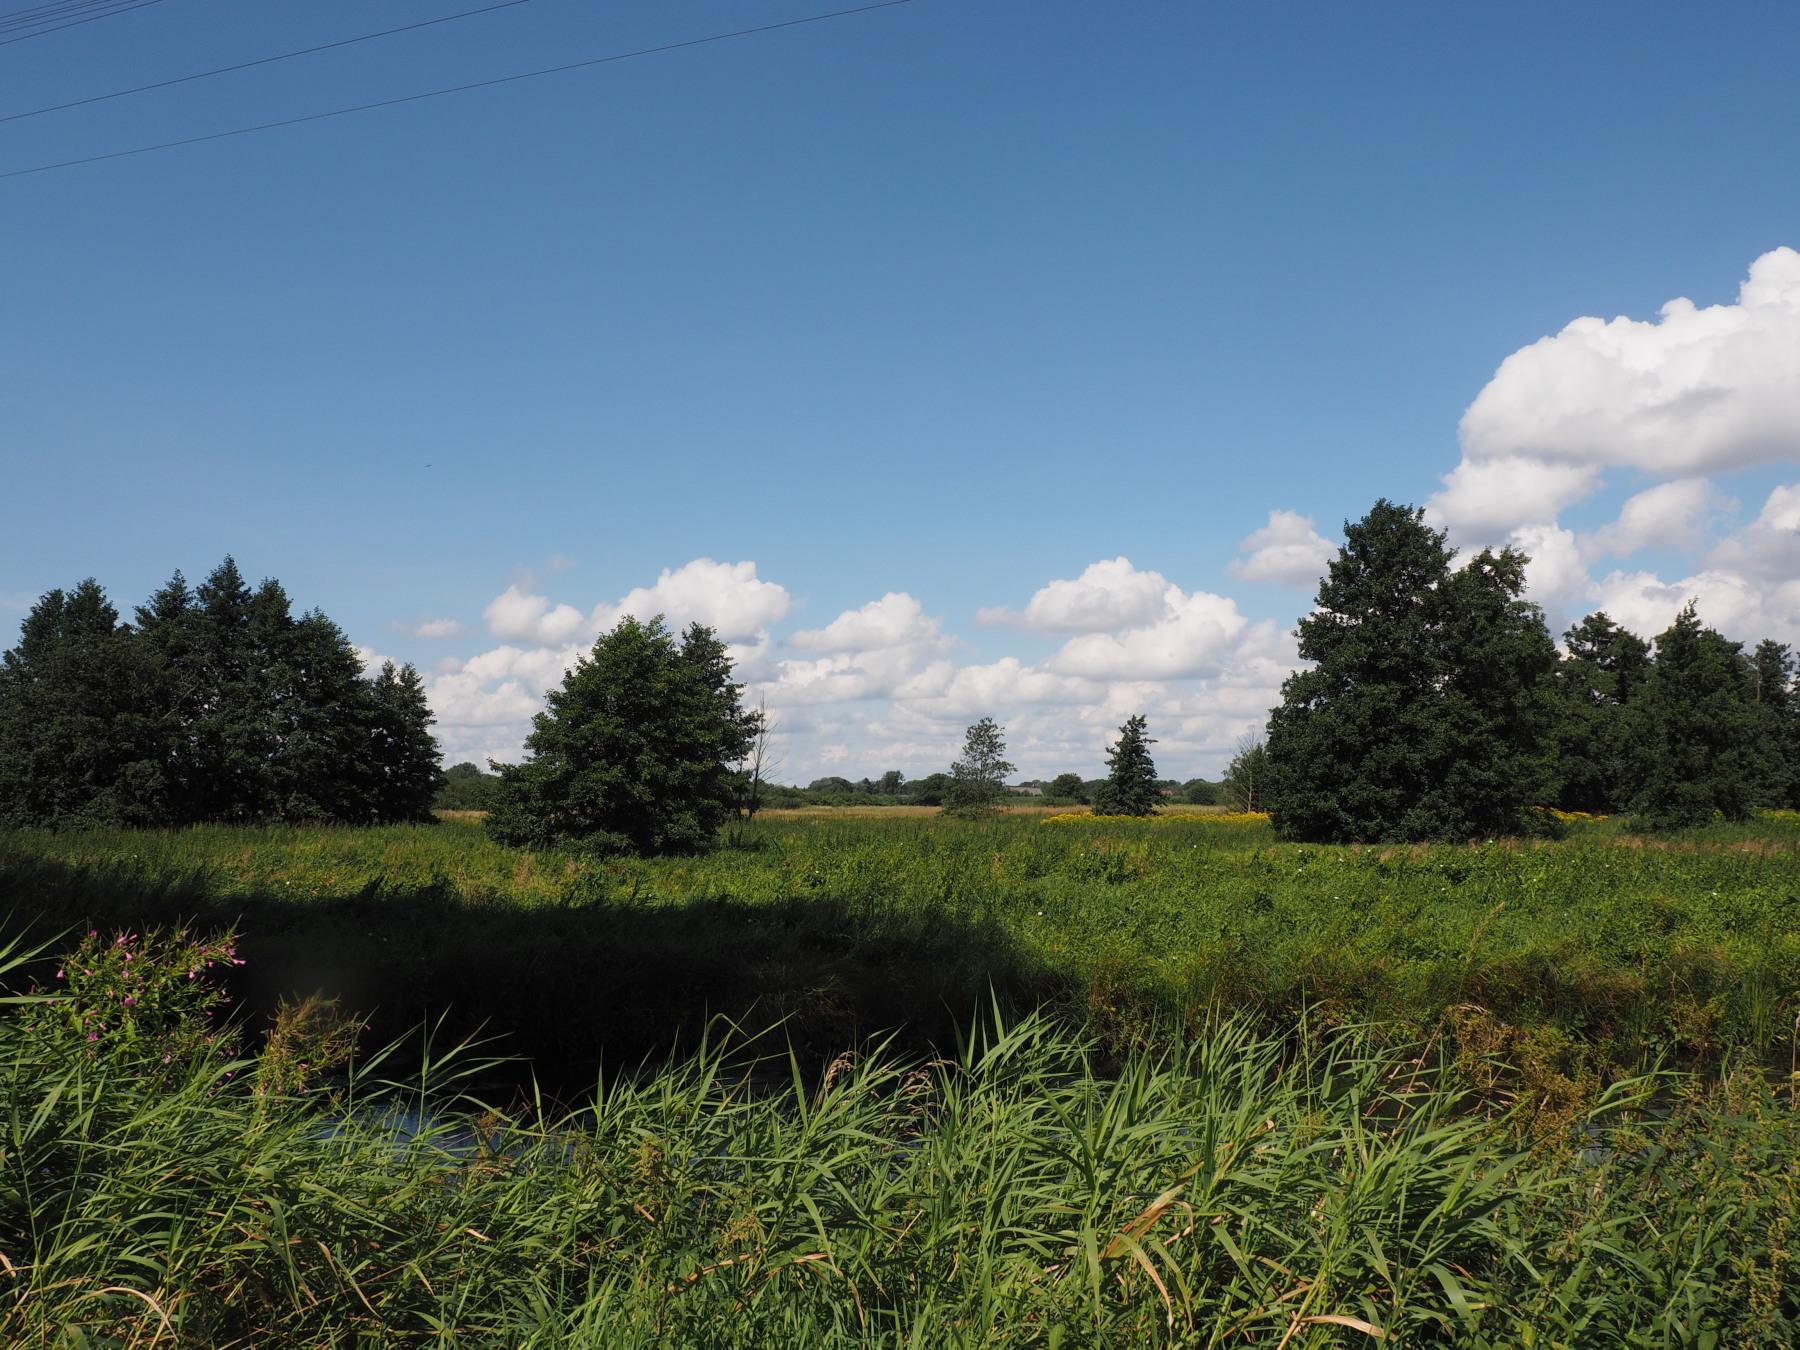 Ist die Entwässerung des unteren Teils des Falkengrabens Privatsache und sollen die Unteranlieger für die Entwässerung der Oberanlieger bezahlen?